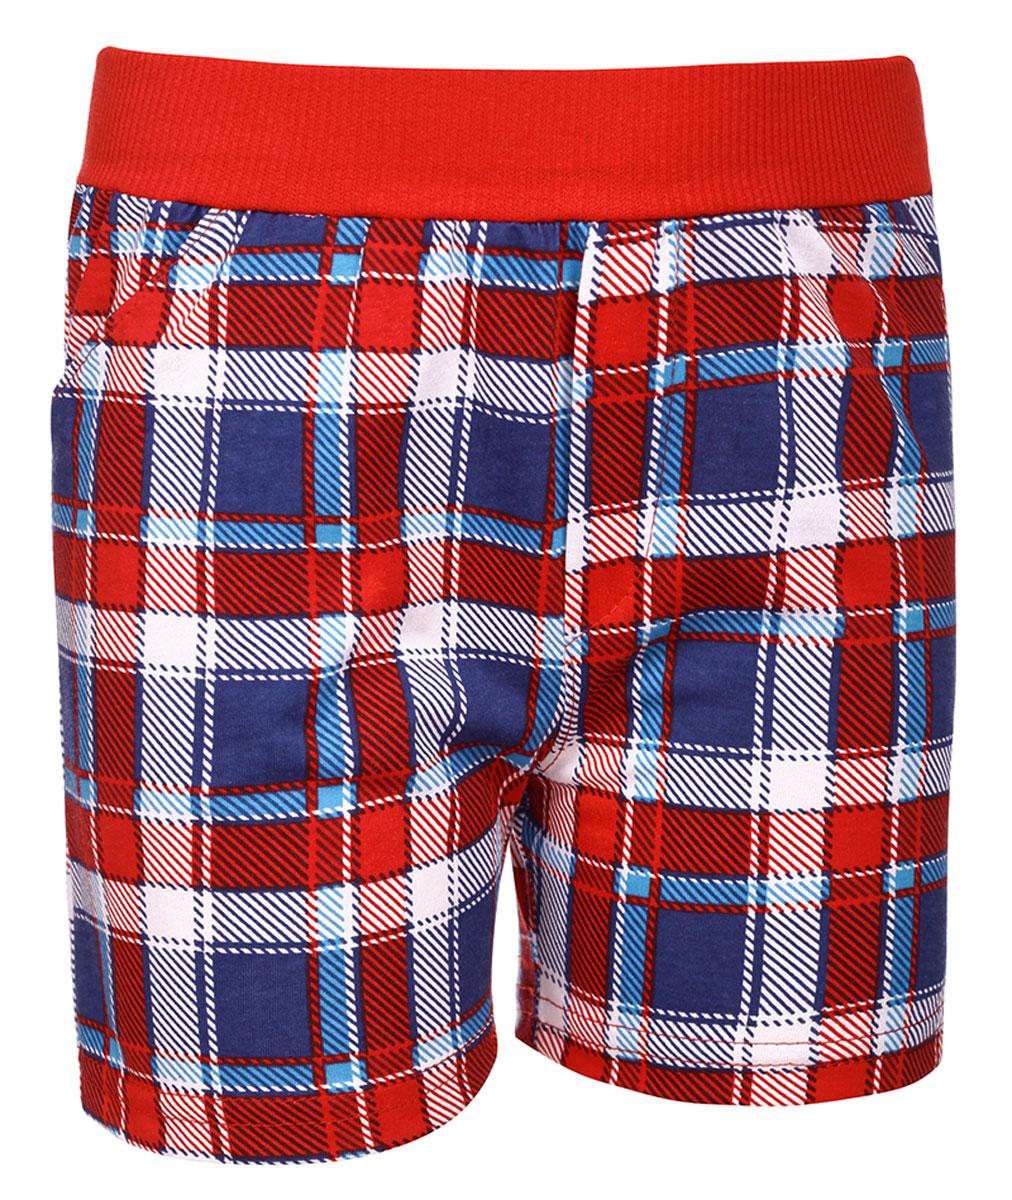 Шорты для мальчика M&D, цвет: красный, синий, белый. М37807. Размер 122М37807Шорты для мальчика от M&D выполнены из натурального хлопка и оформлены оригинальным принтом. Модель имеет эластичные пояс на талии. По бокам расположены втачные карманы.